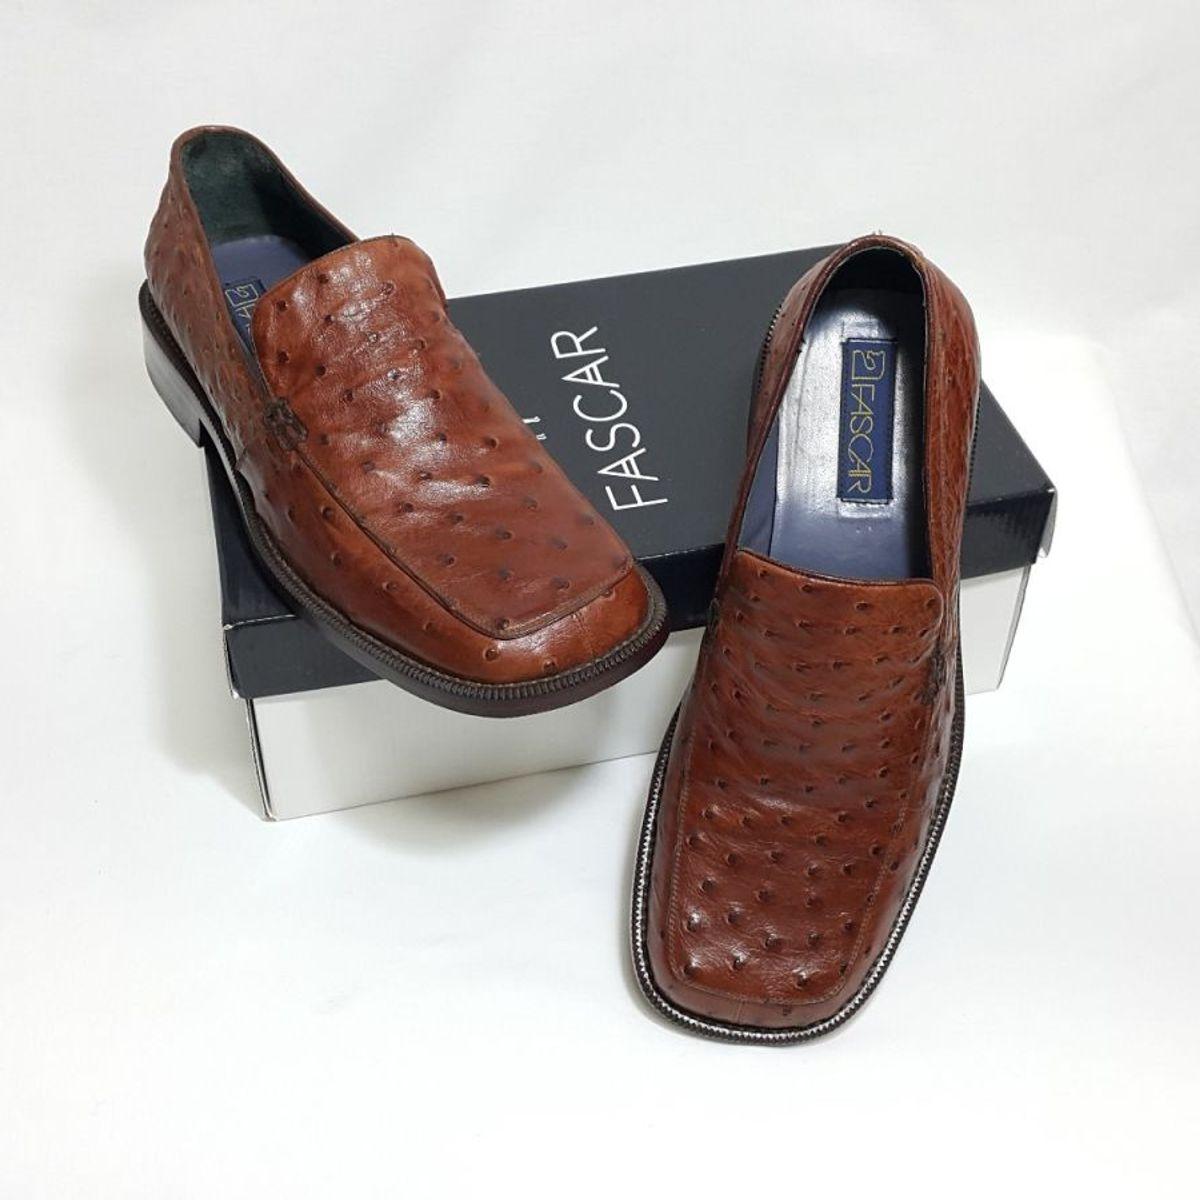 02599fe10 Sapato Couro Avestruz Legít. Caramelo | Sapato Masculino Fascar Usado  30613809 | enjoei